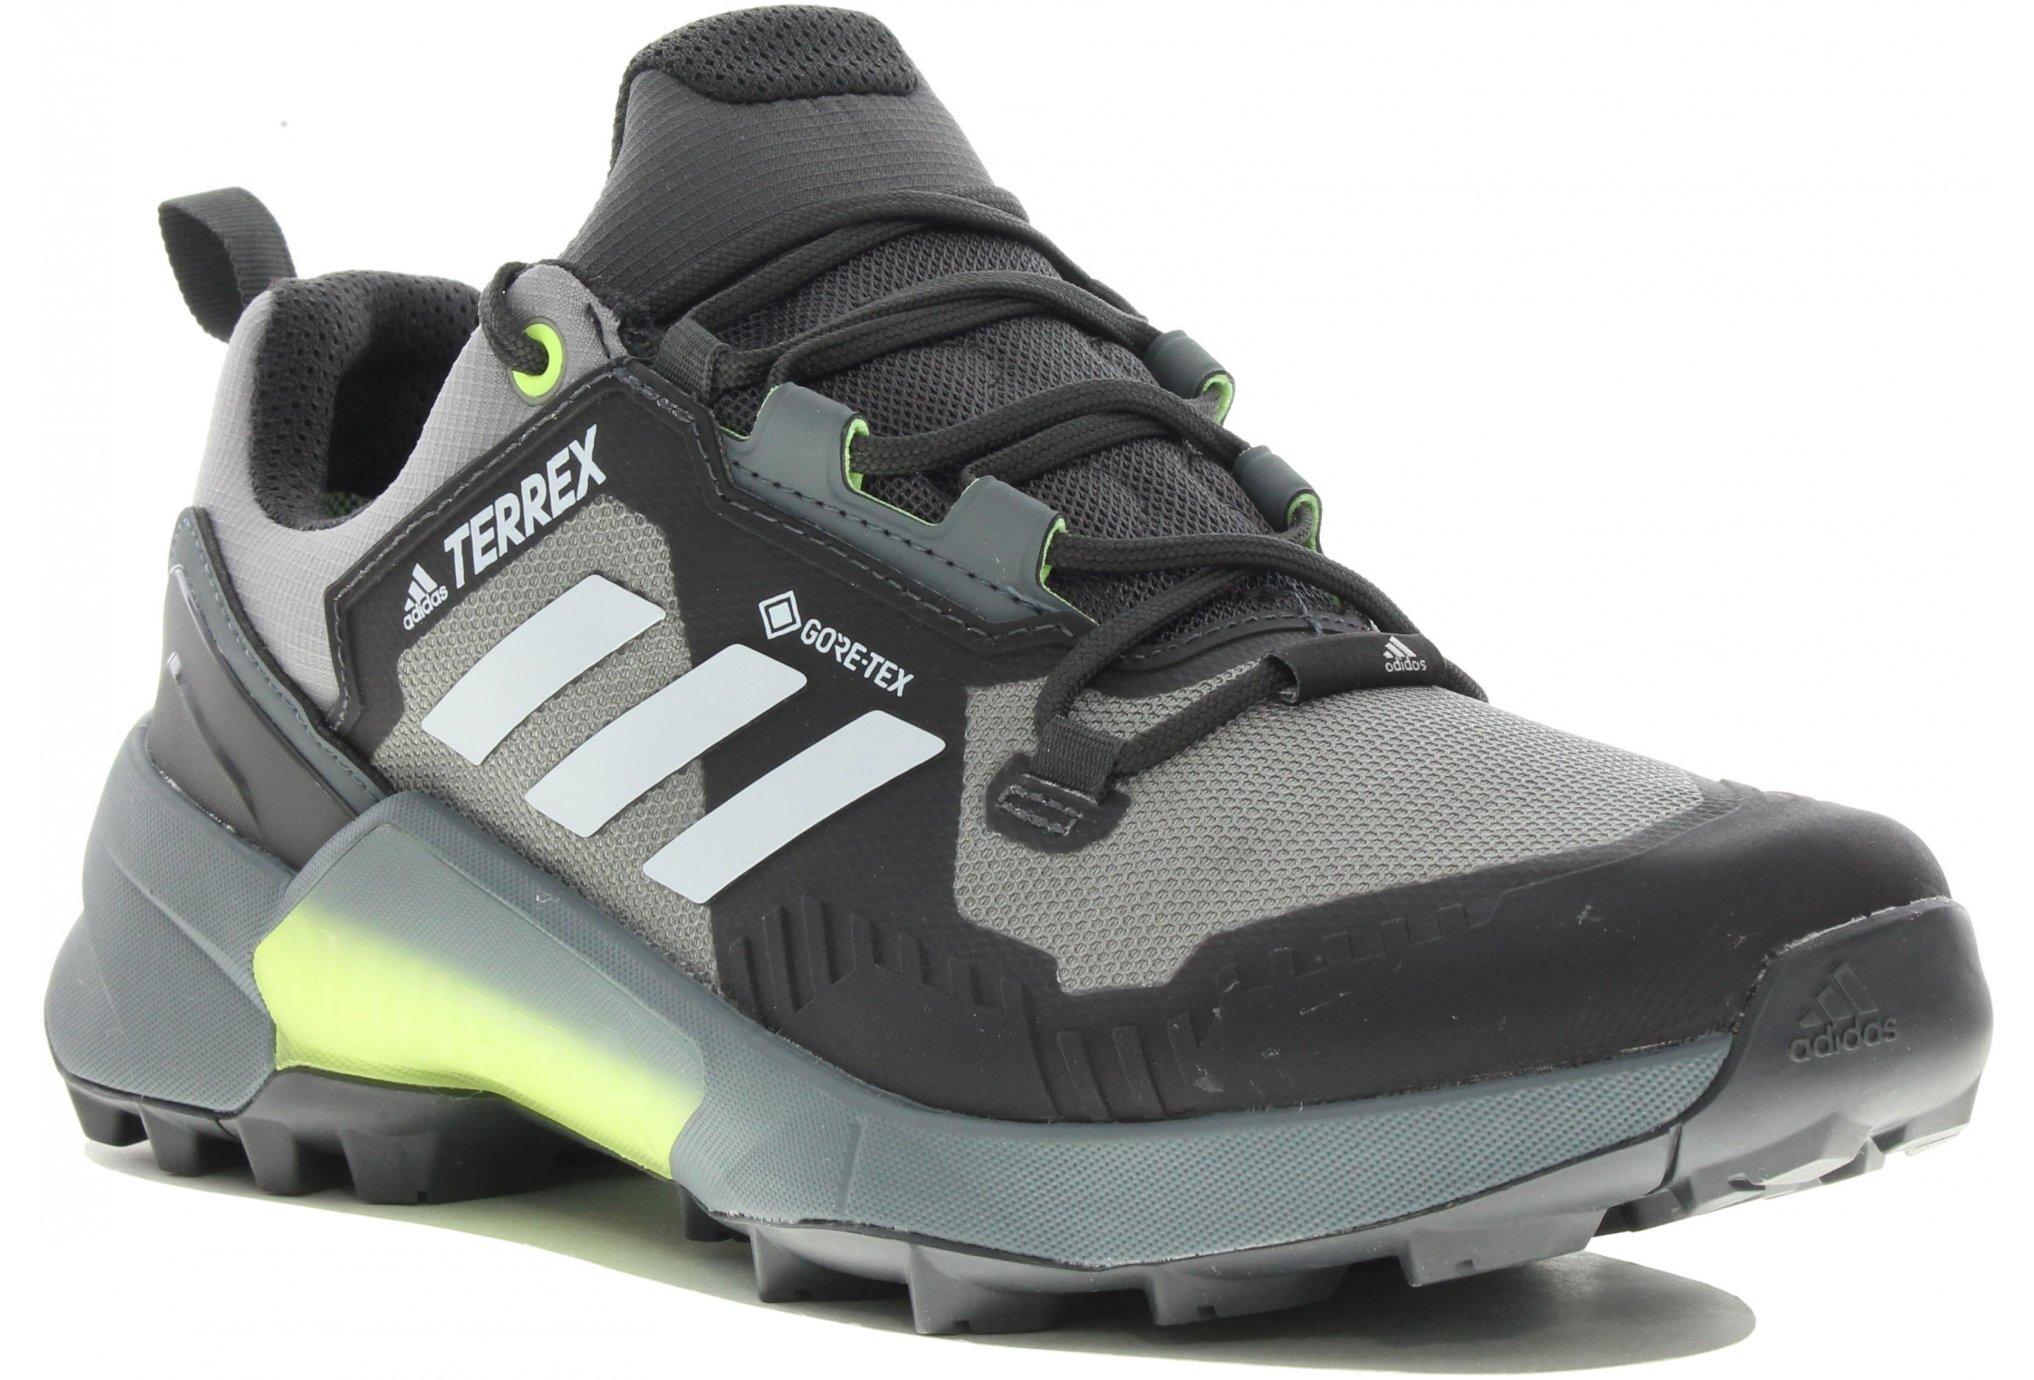 adidas Terrex Swift R3 Gore-Tex W Chaussures running femme